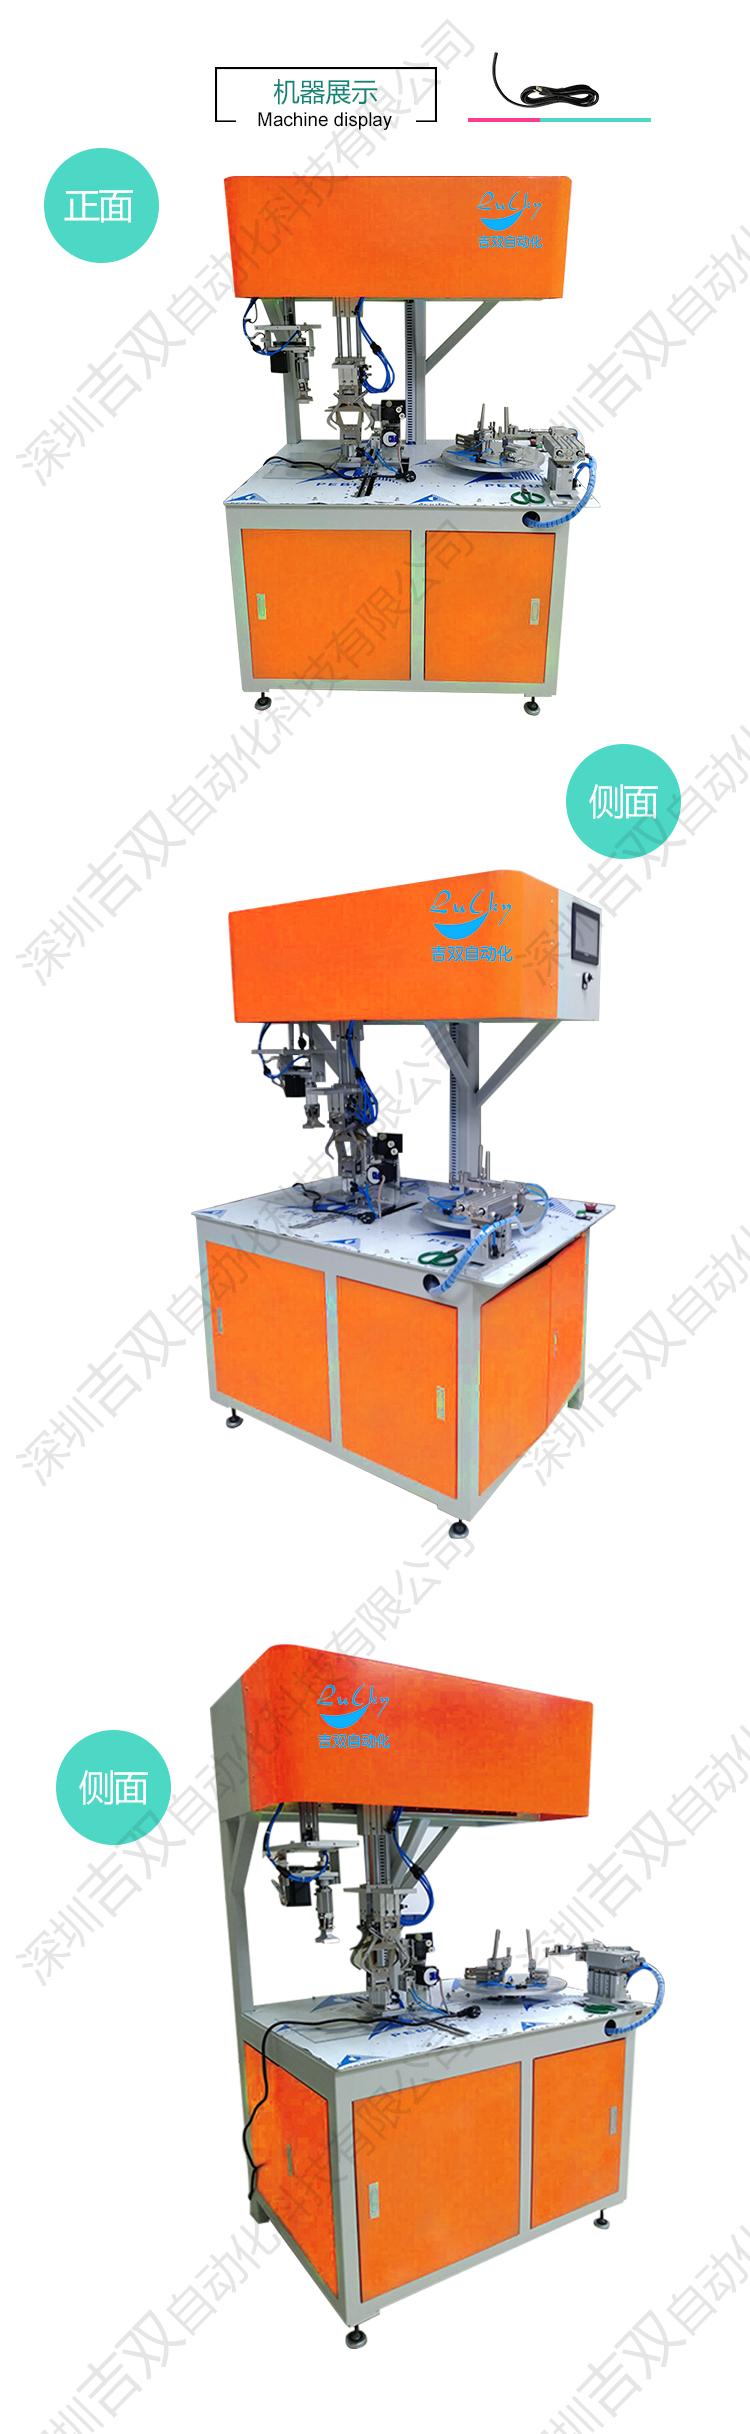 自动绕线扎线机粗大线专用设备吉双自动化 自动绕线扎线机价格 自动绕线扎线机公司